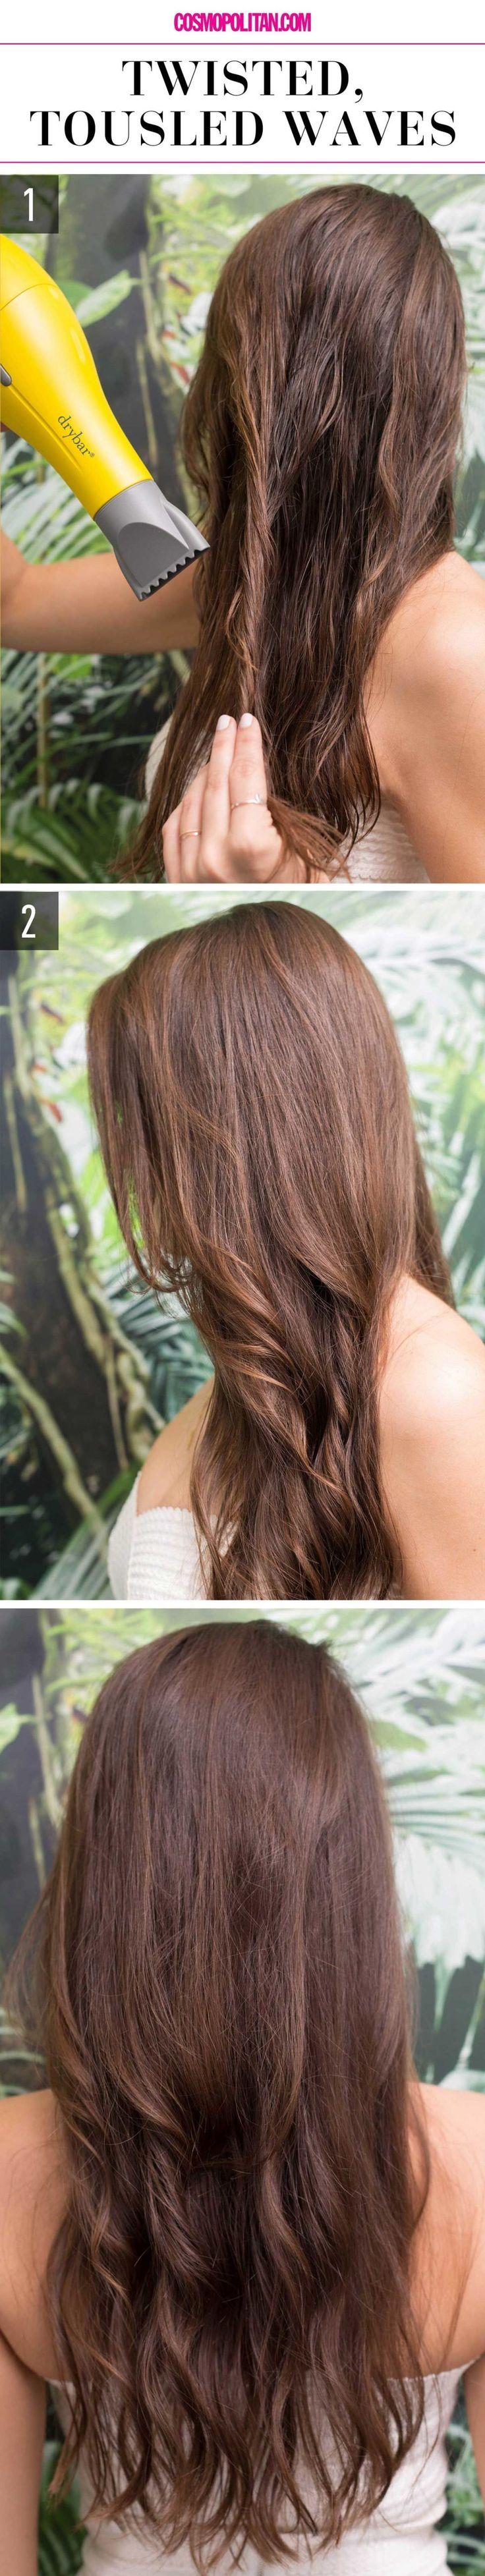 401 best hair images on Pinterest